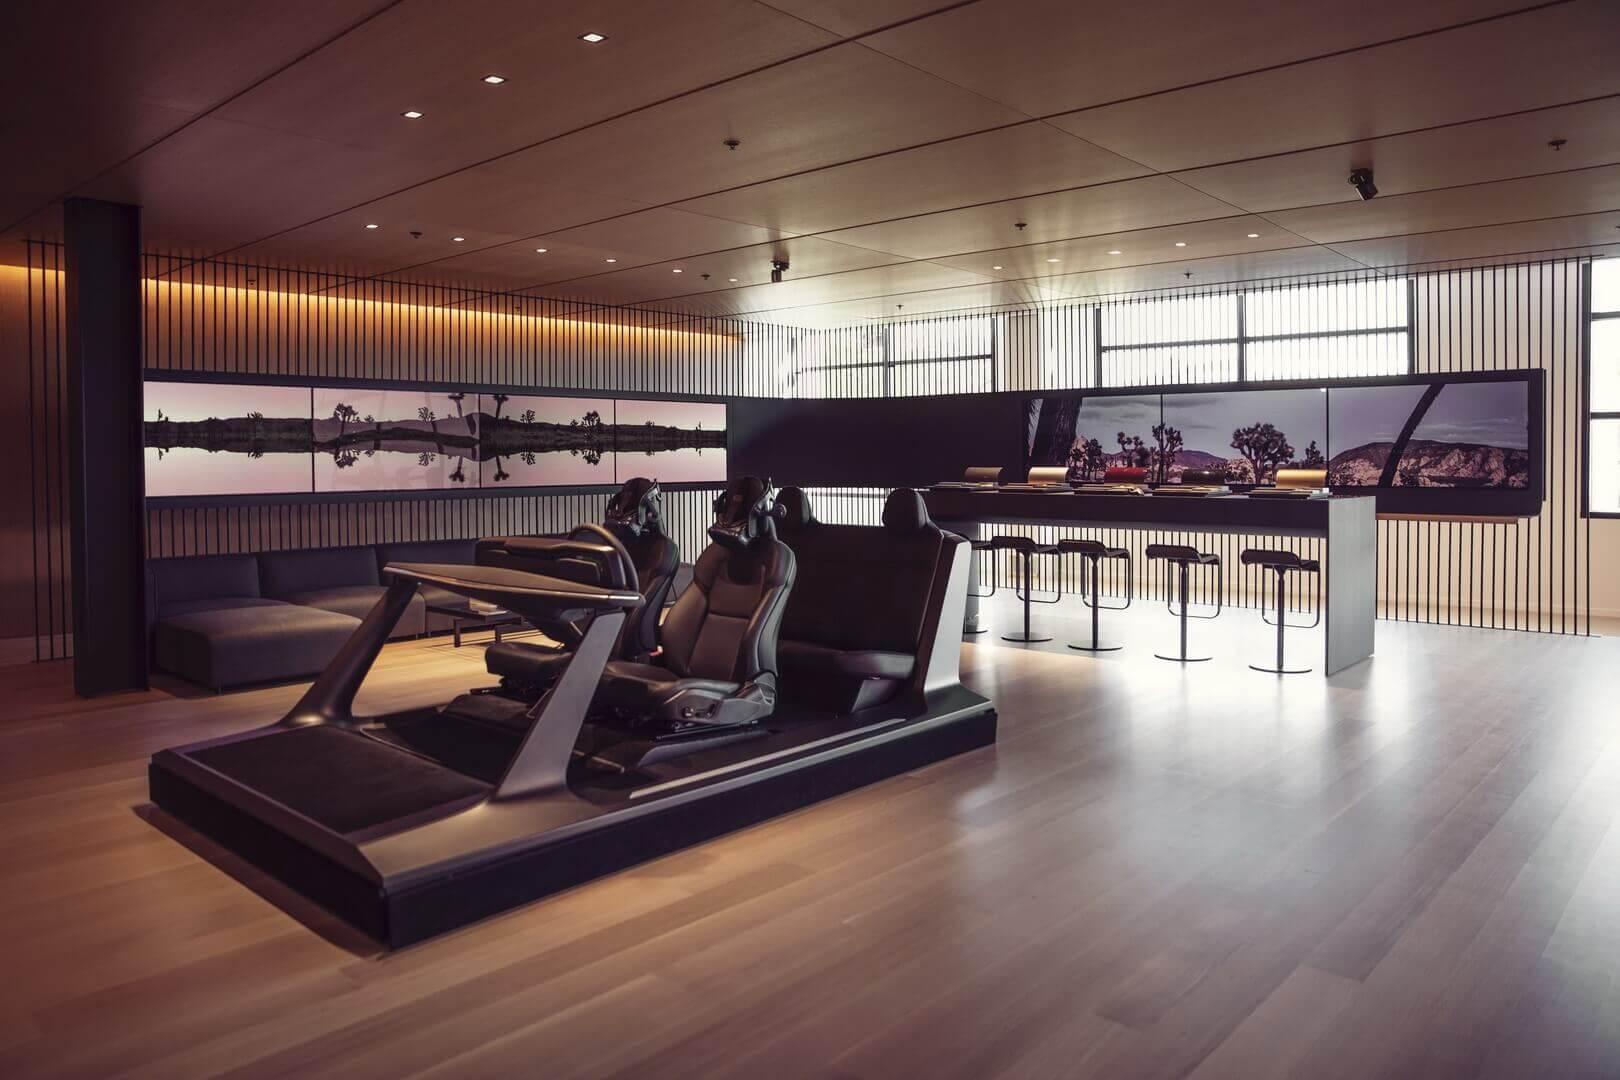 Выставочный зал Lucid Motors недалеко от штаб-квартиры компании в Силиконовой долине